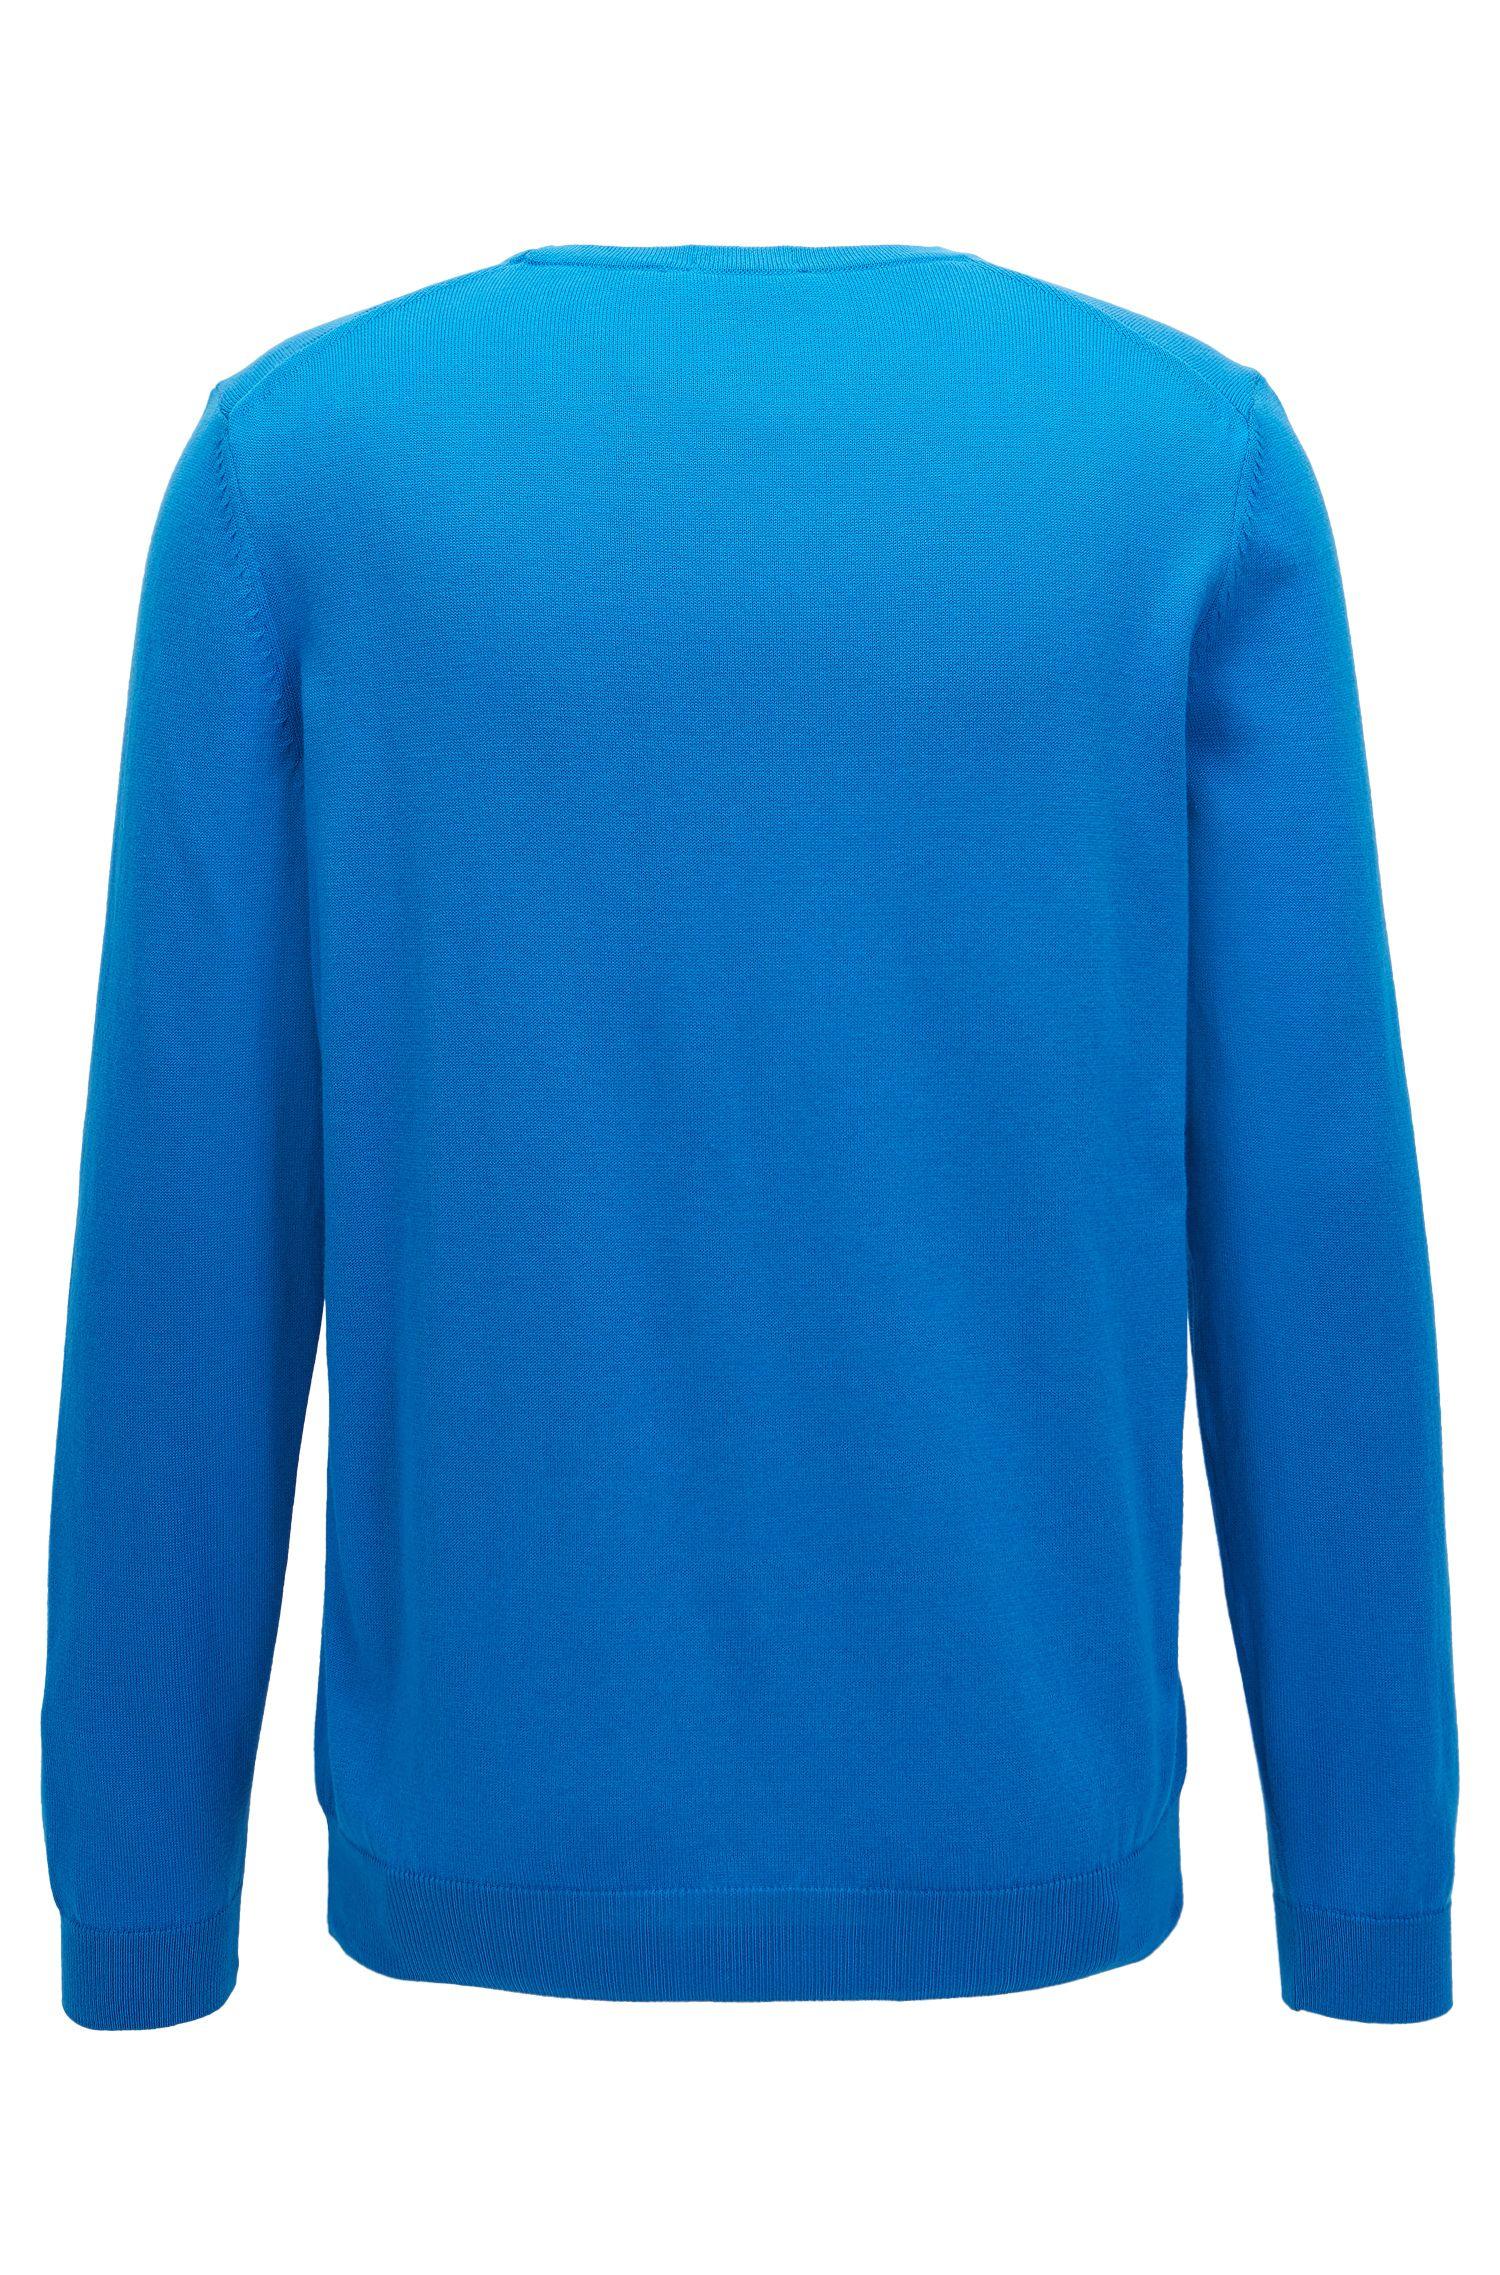 Pull à col ras-du-cou en coton avec logo brodé, Bleu